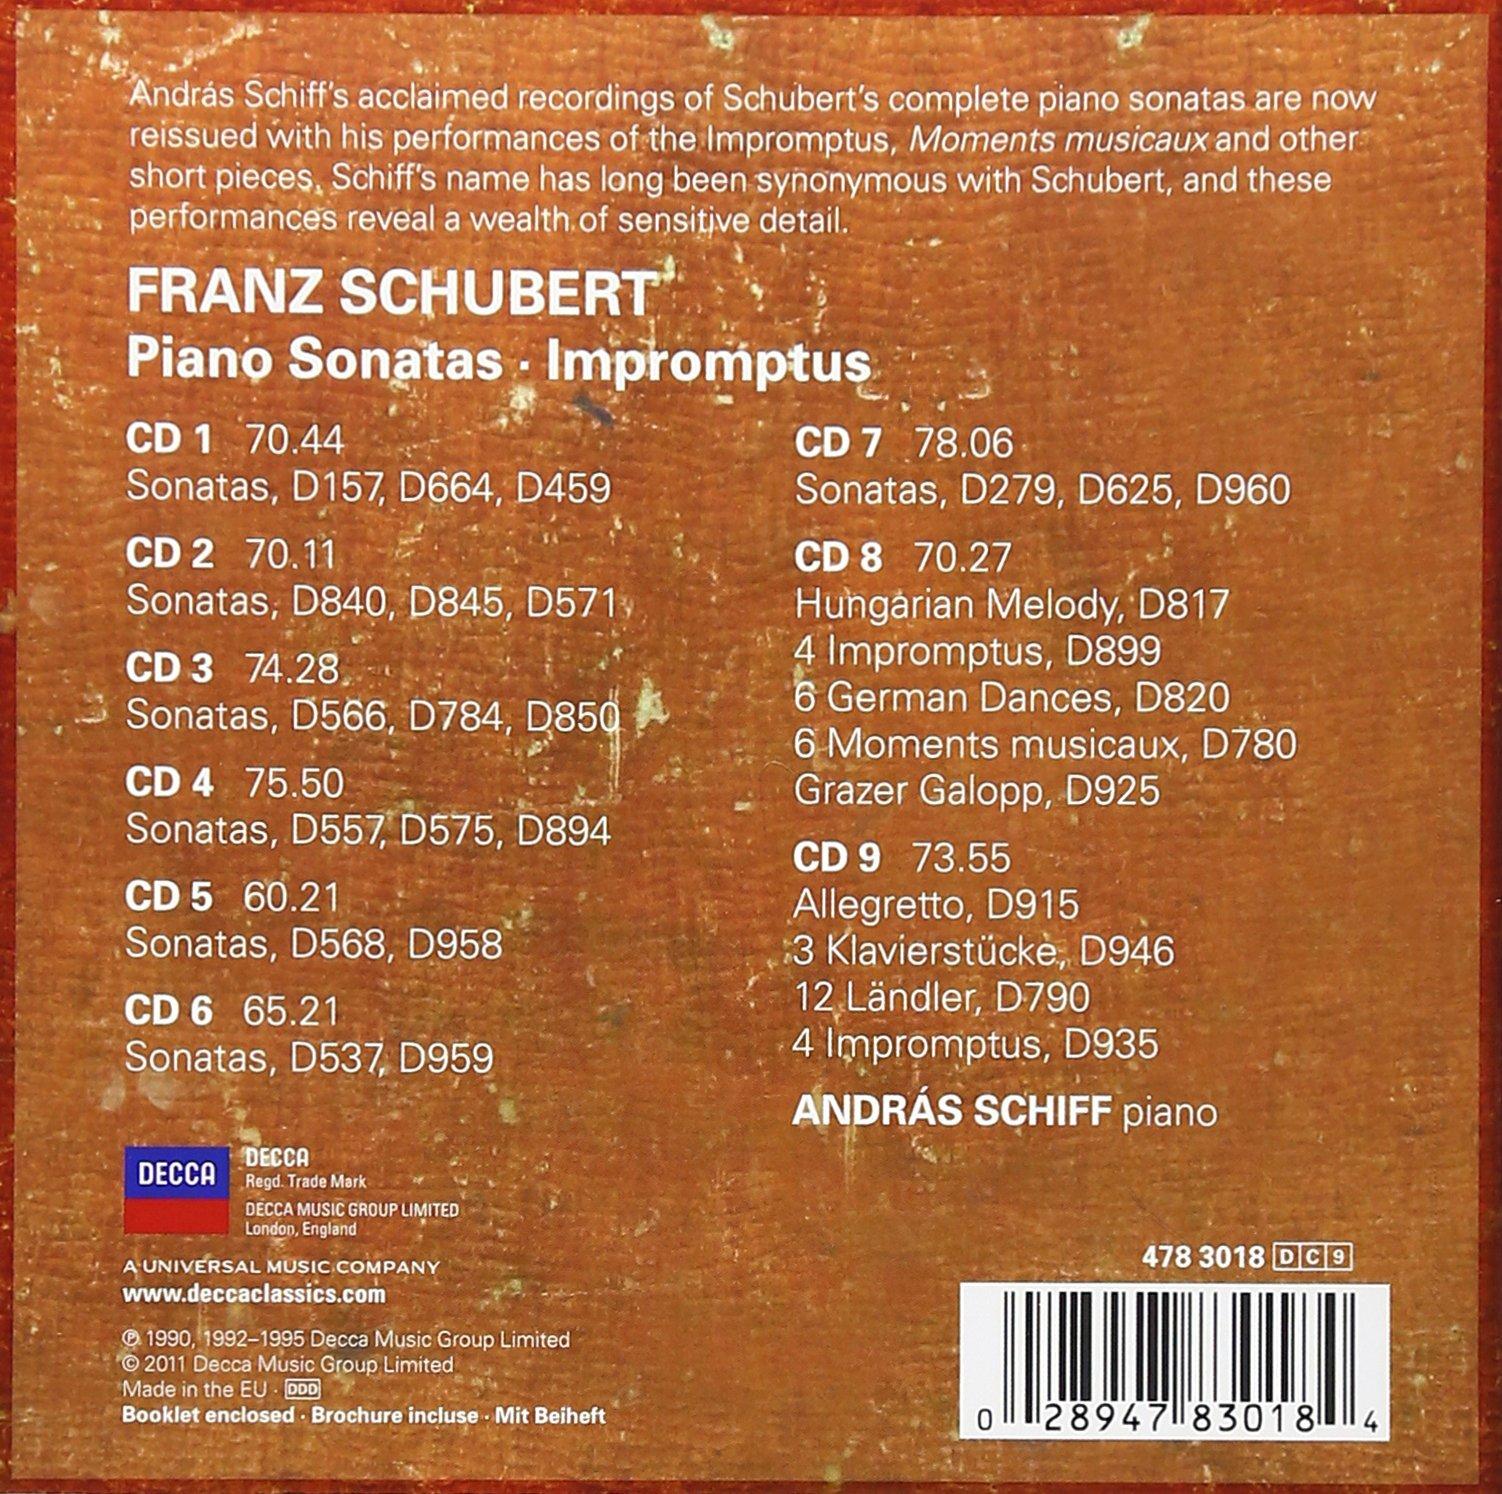 Schubert: Piano Sonatas/Impromptus [9 CD Box Set] by DECCA,COLLECTORS EDITION,BOX CLASSICA,CLASSICO,MUSICA DA CAMERA,SOLO,